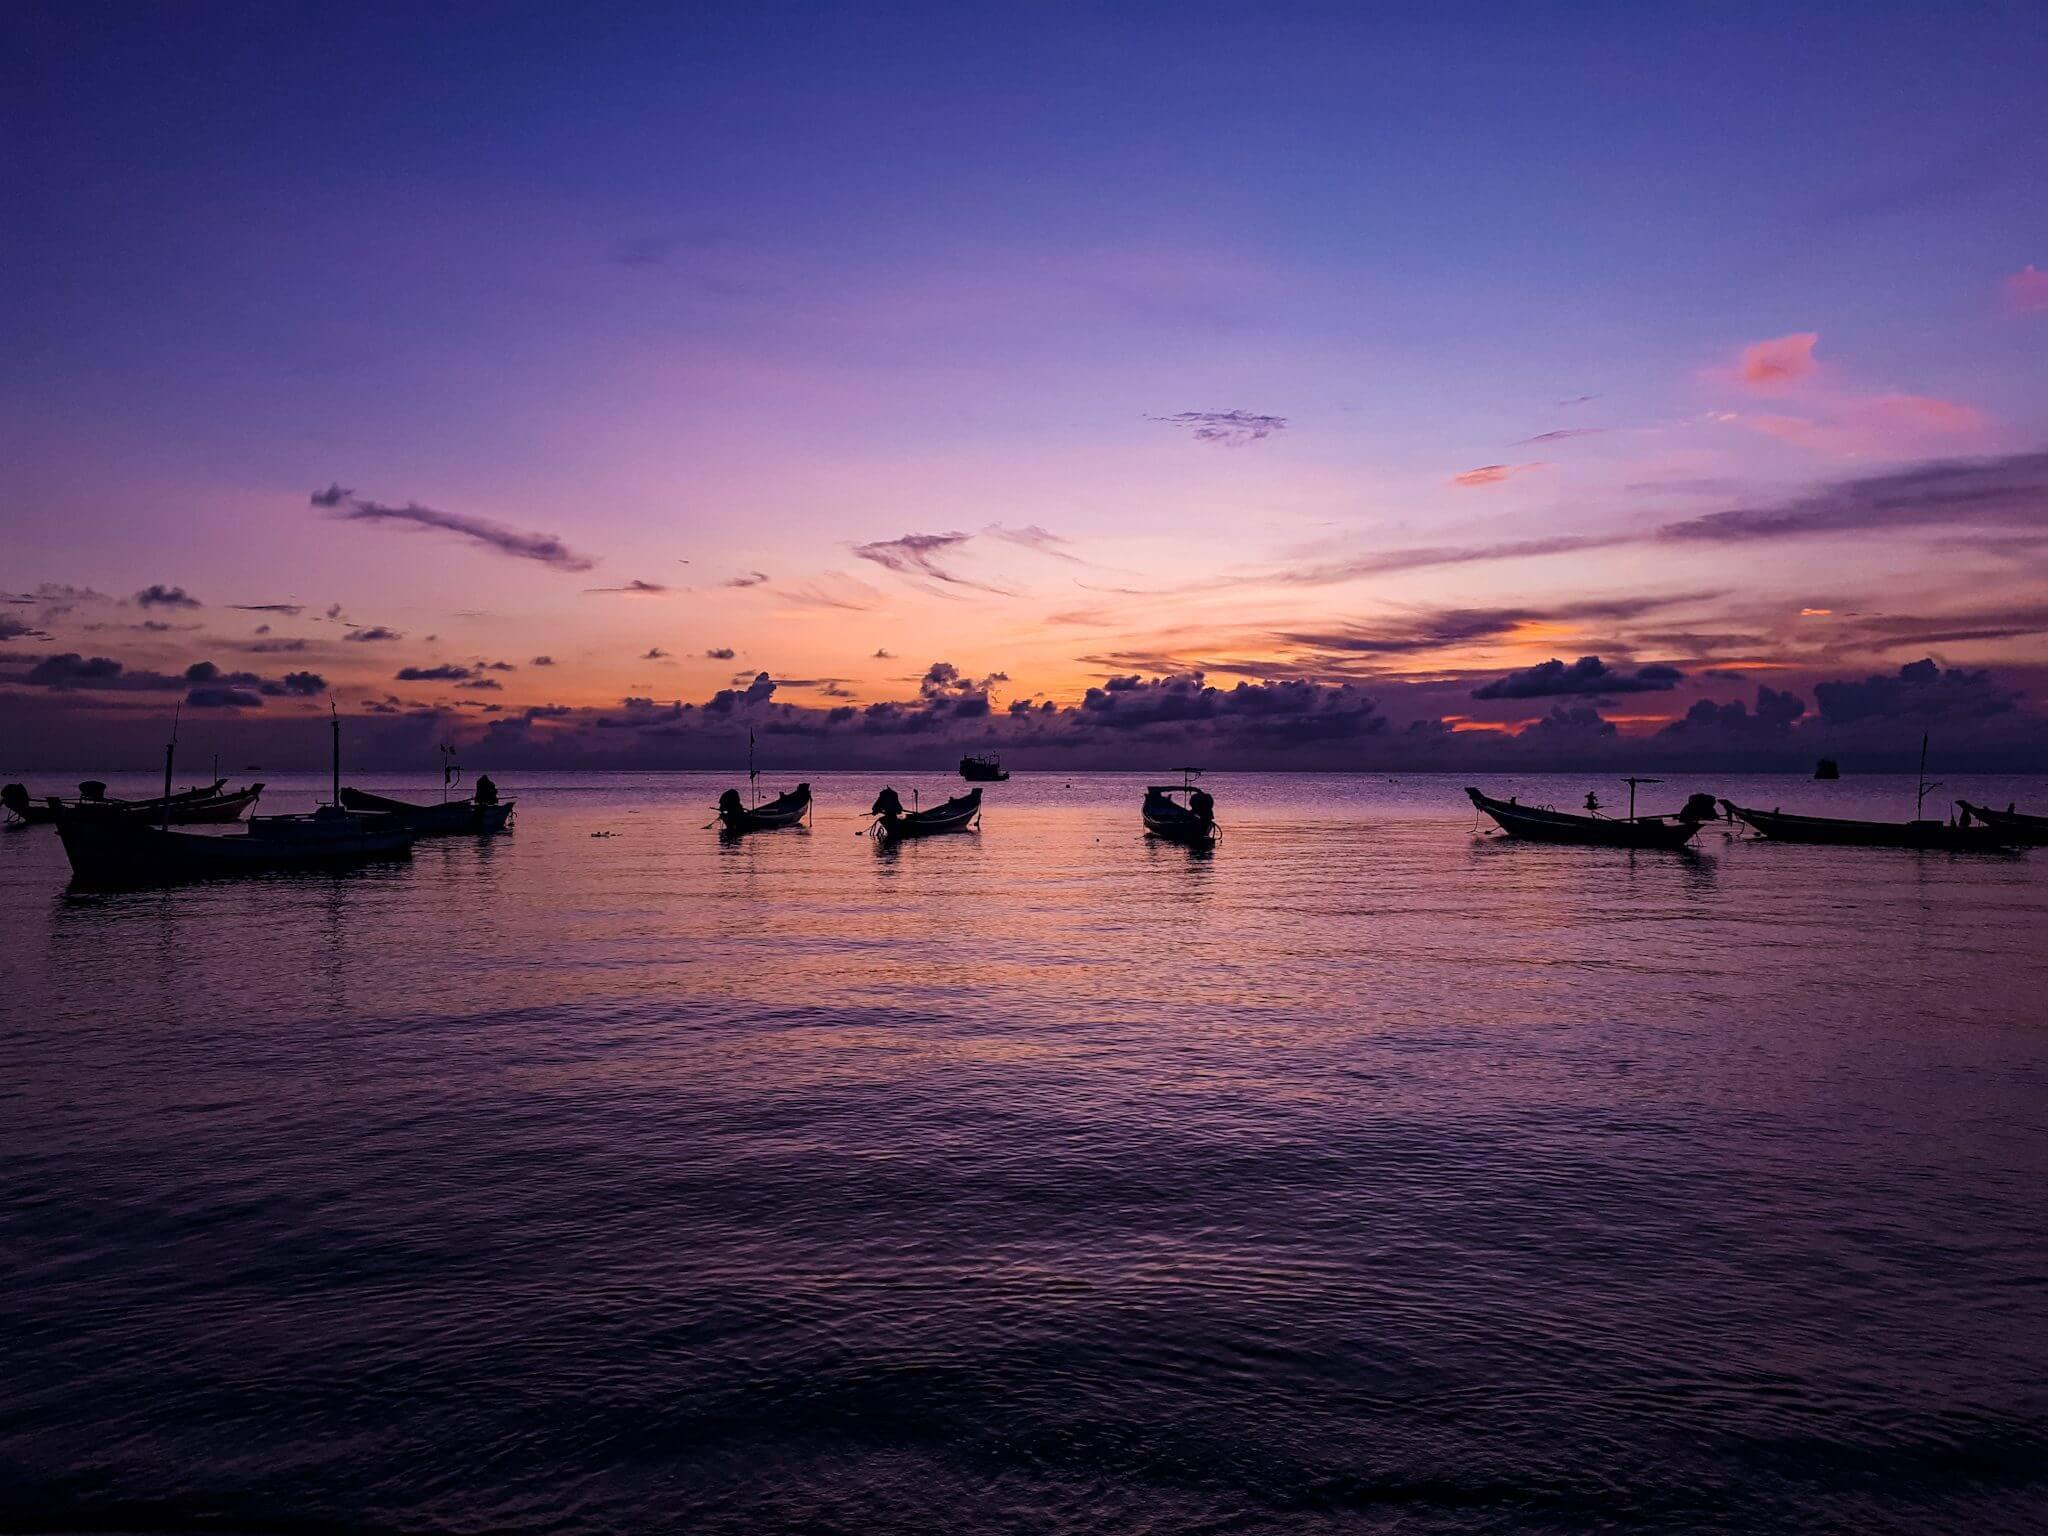 sunset on koh Tao island in Thailand